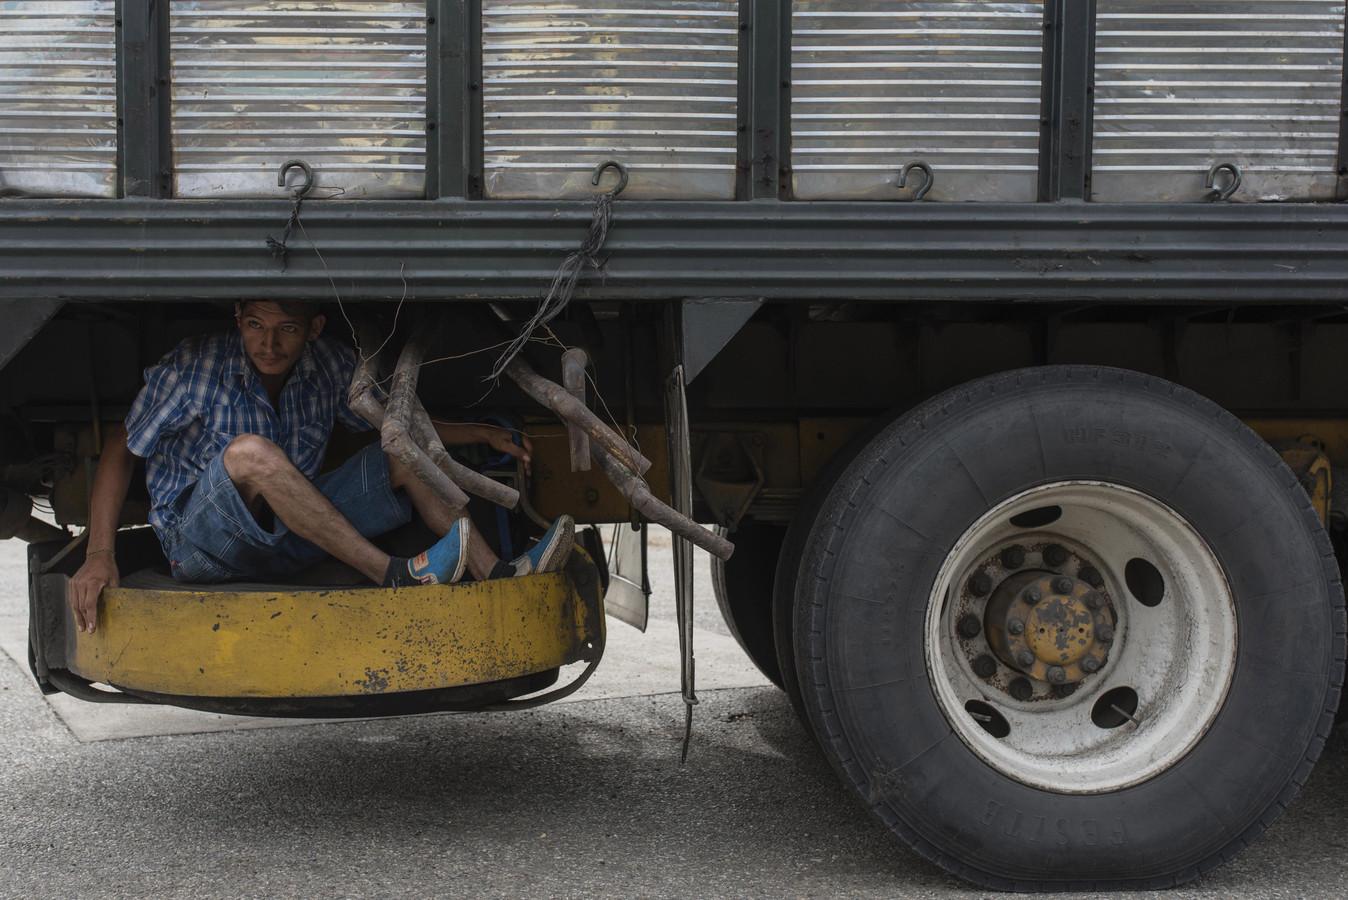 Een man probeert in de Mexicaanse staat Veracruz op illegale wijze met een vrachtwagen mee te liften naar de VS. (Archieffoto)